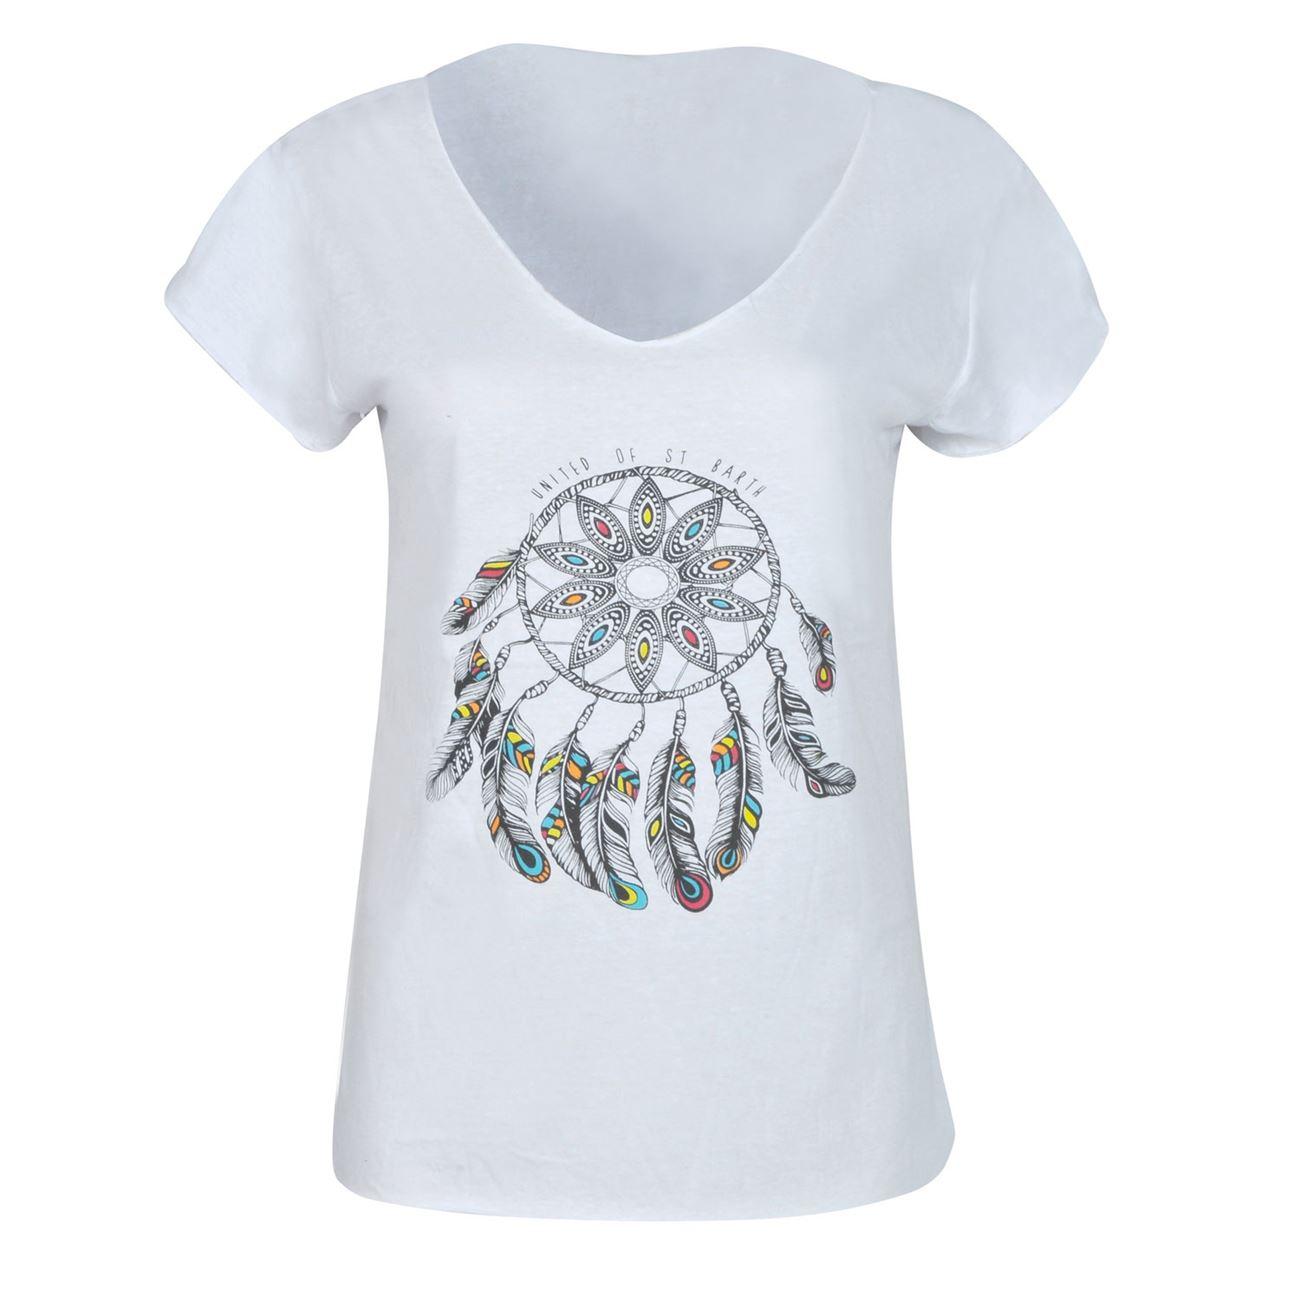 Μπλούζα Γυναικεία Κοντό Μανίκι Λευκή με Τύπωμα - One Size ... 4dcc67b09e5